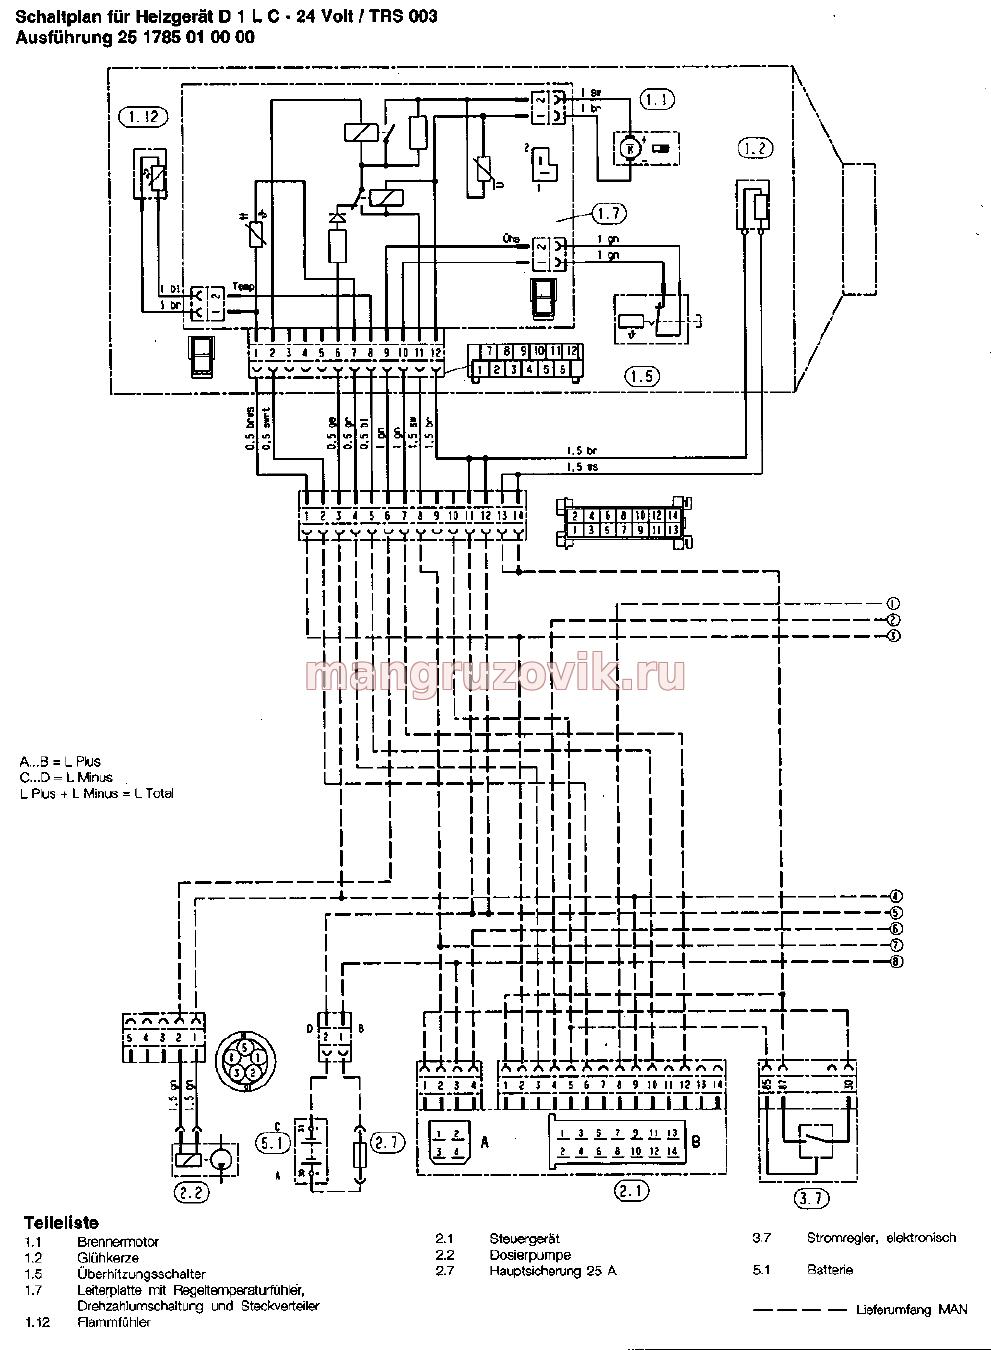 Автономный отопитель эл схема 430